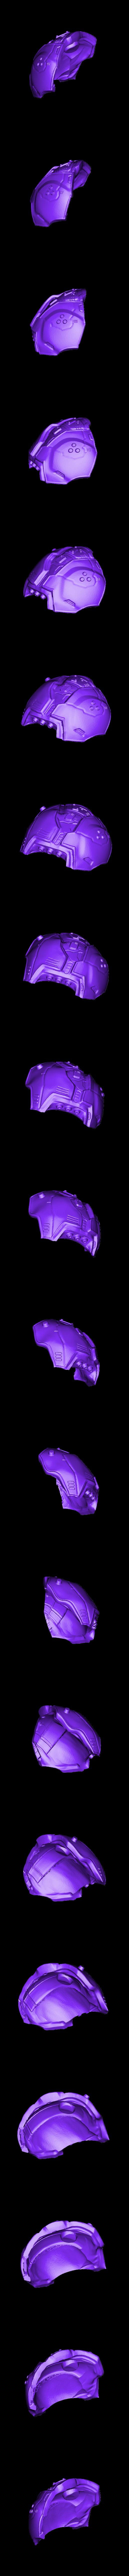 Armor2.stl Télécharger fichier STL TUEUR À GAGES • Objet à imprimer en 3D, freeclimbingbo